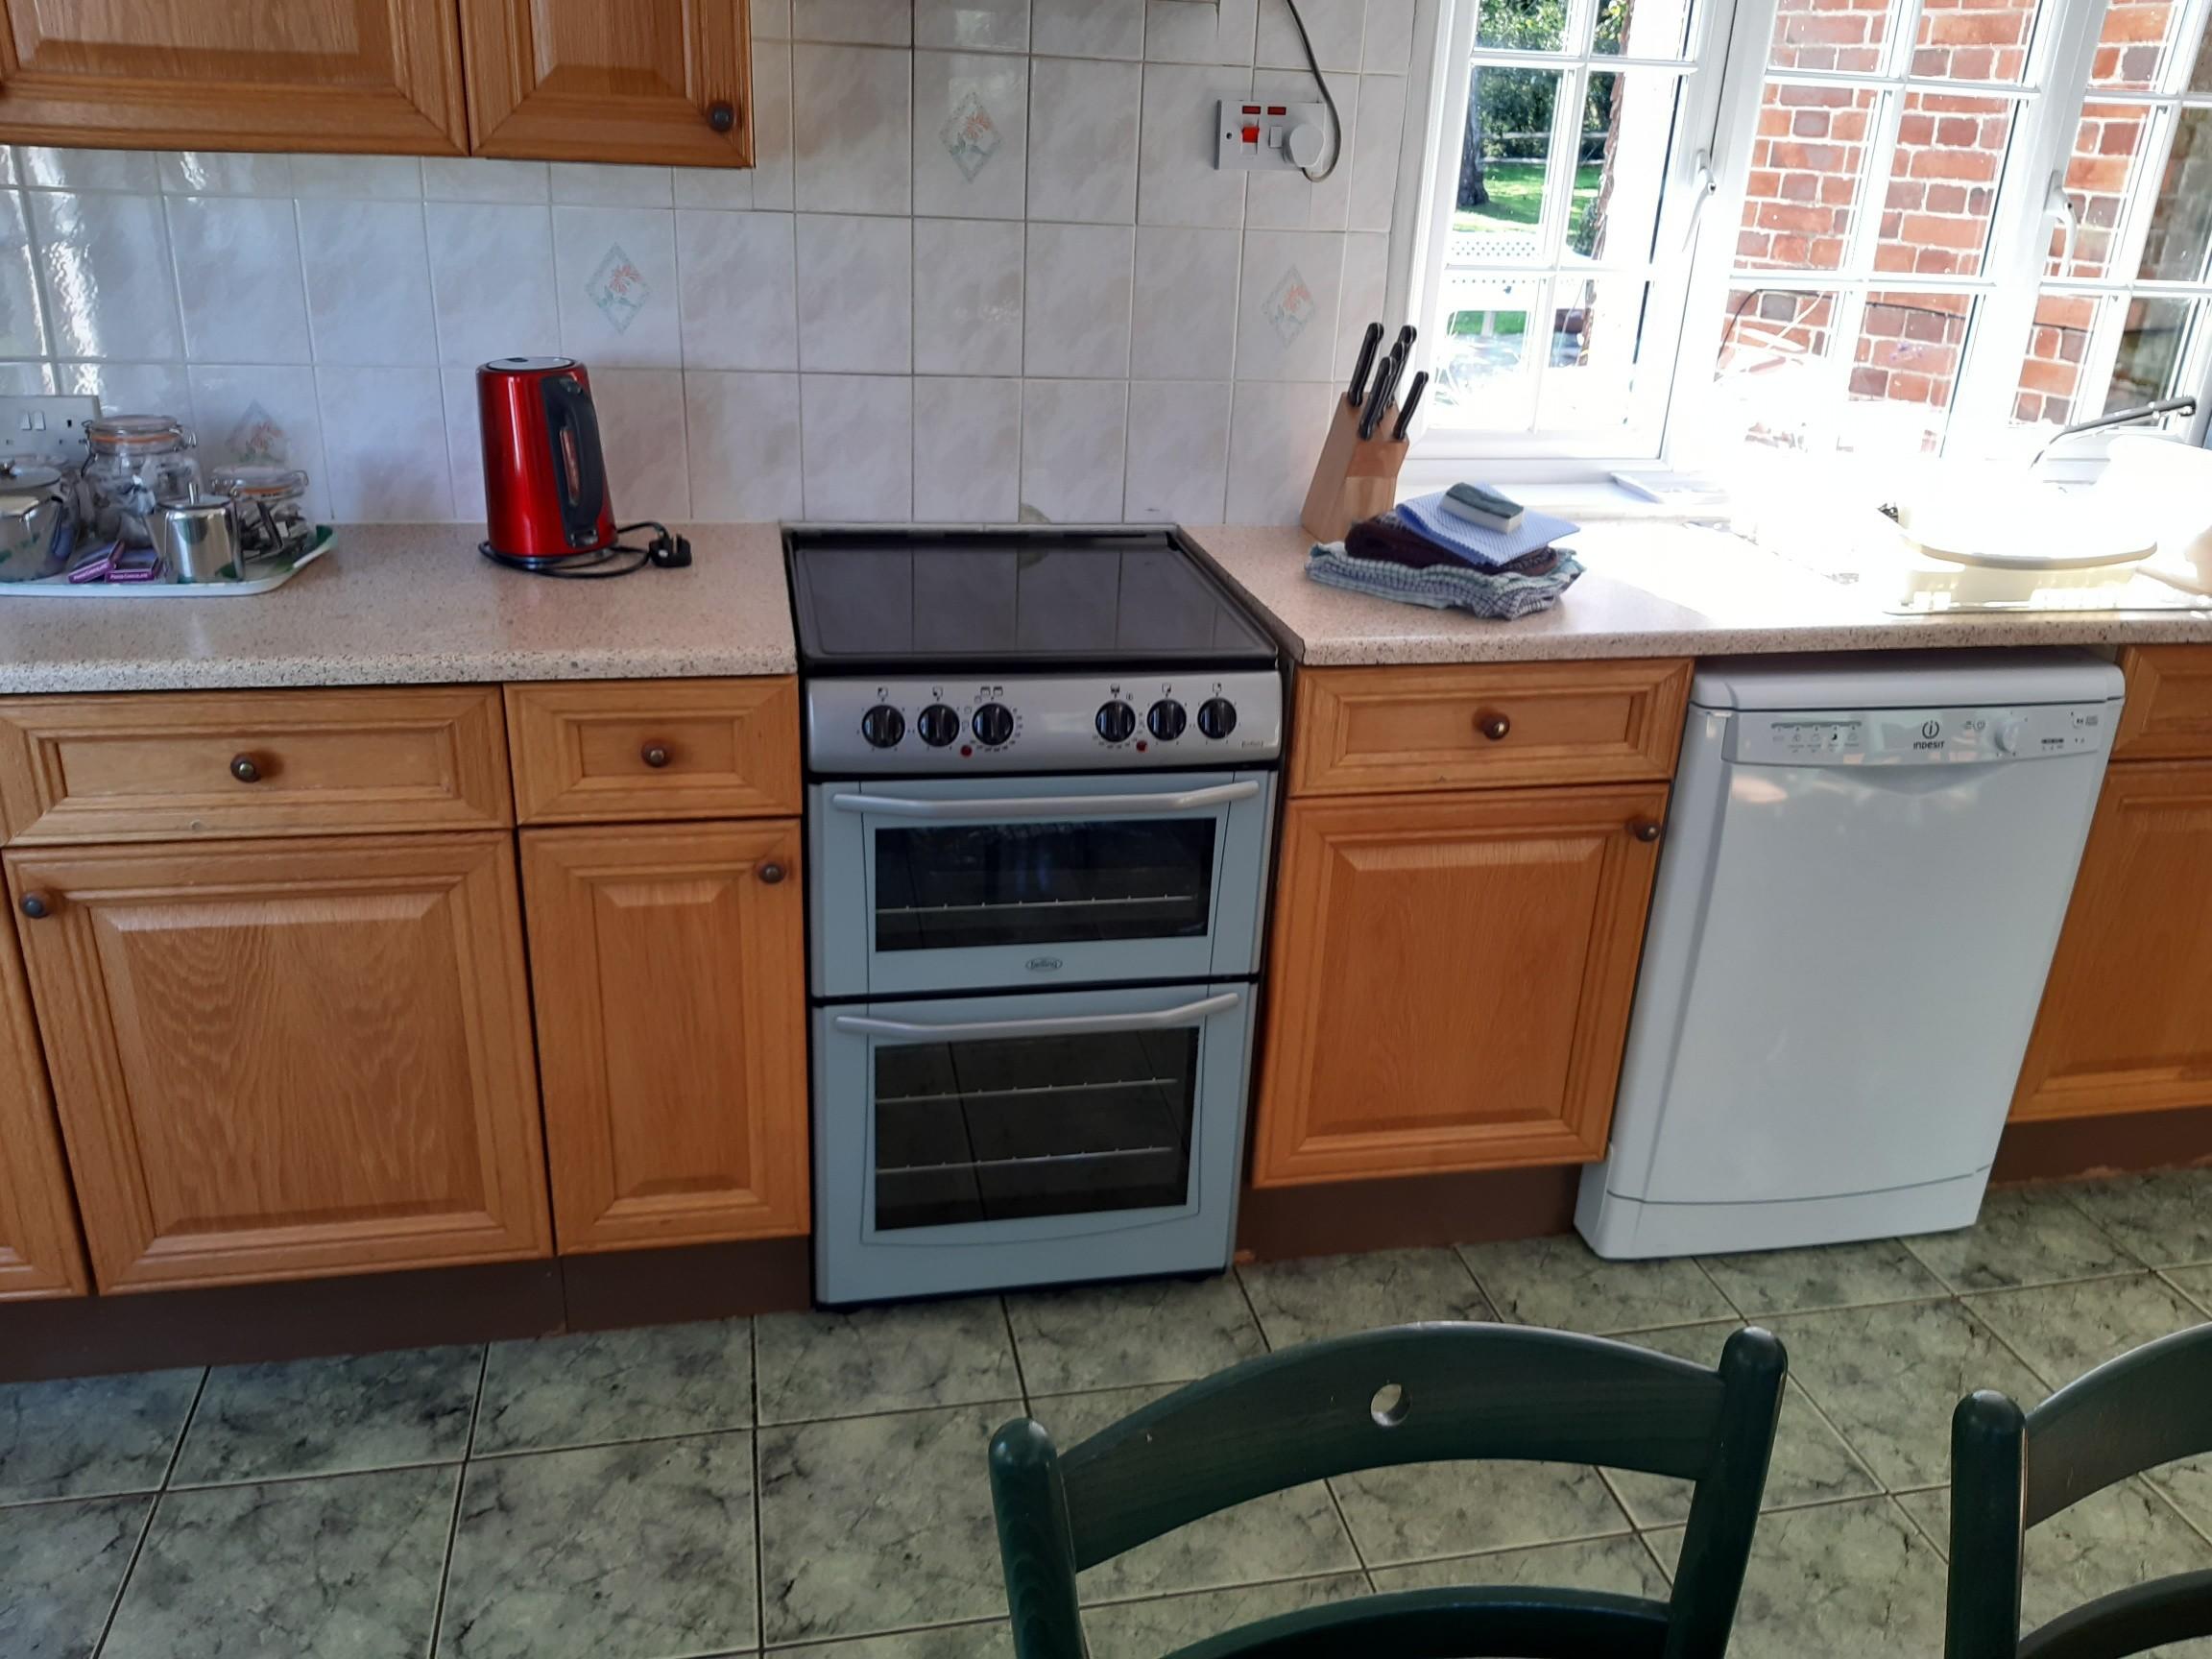 The Oast House kitchen